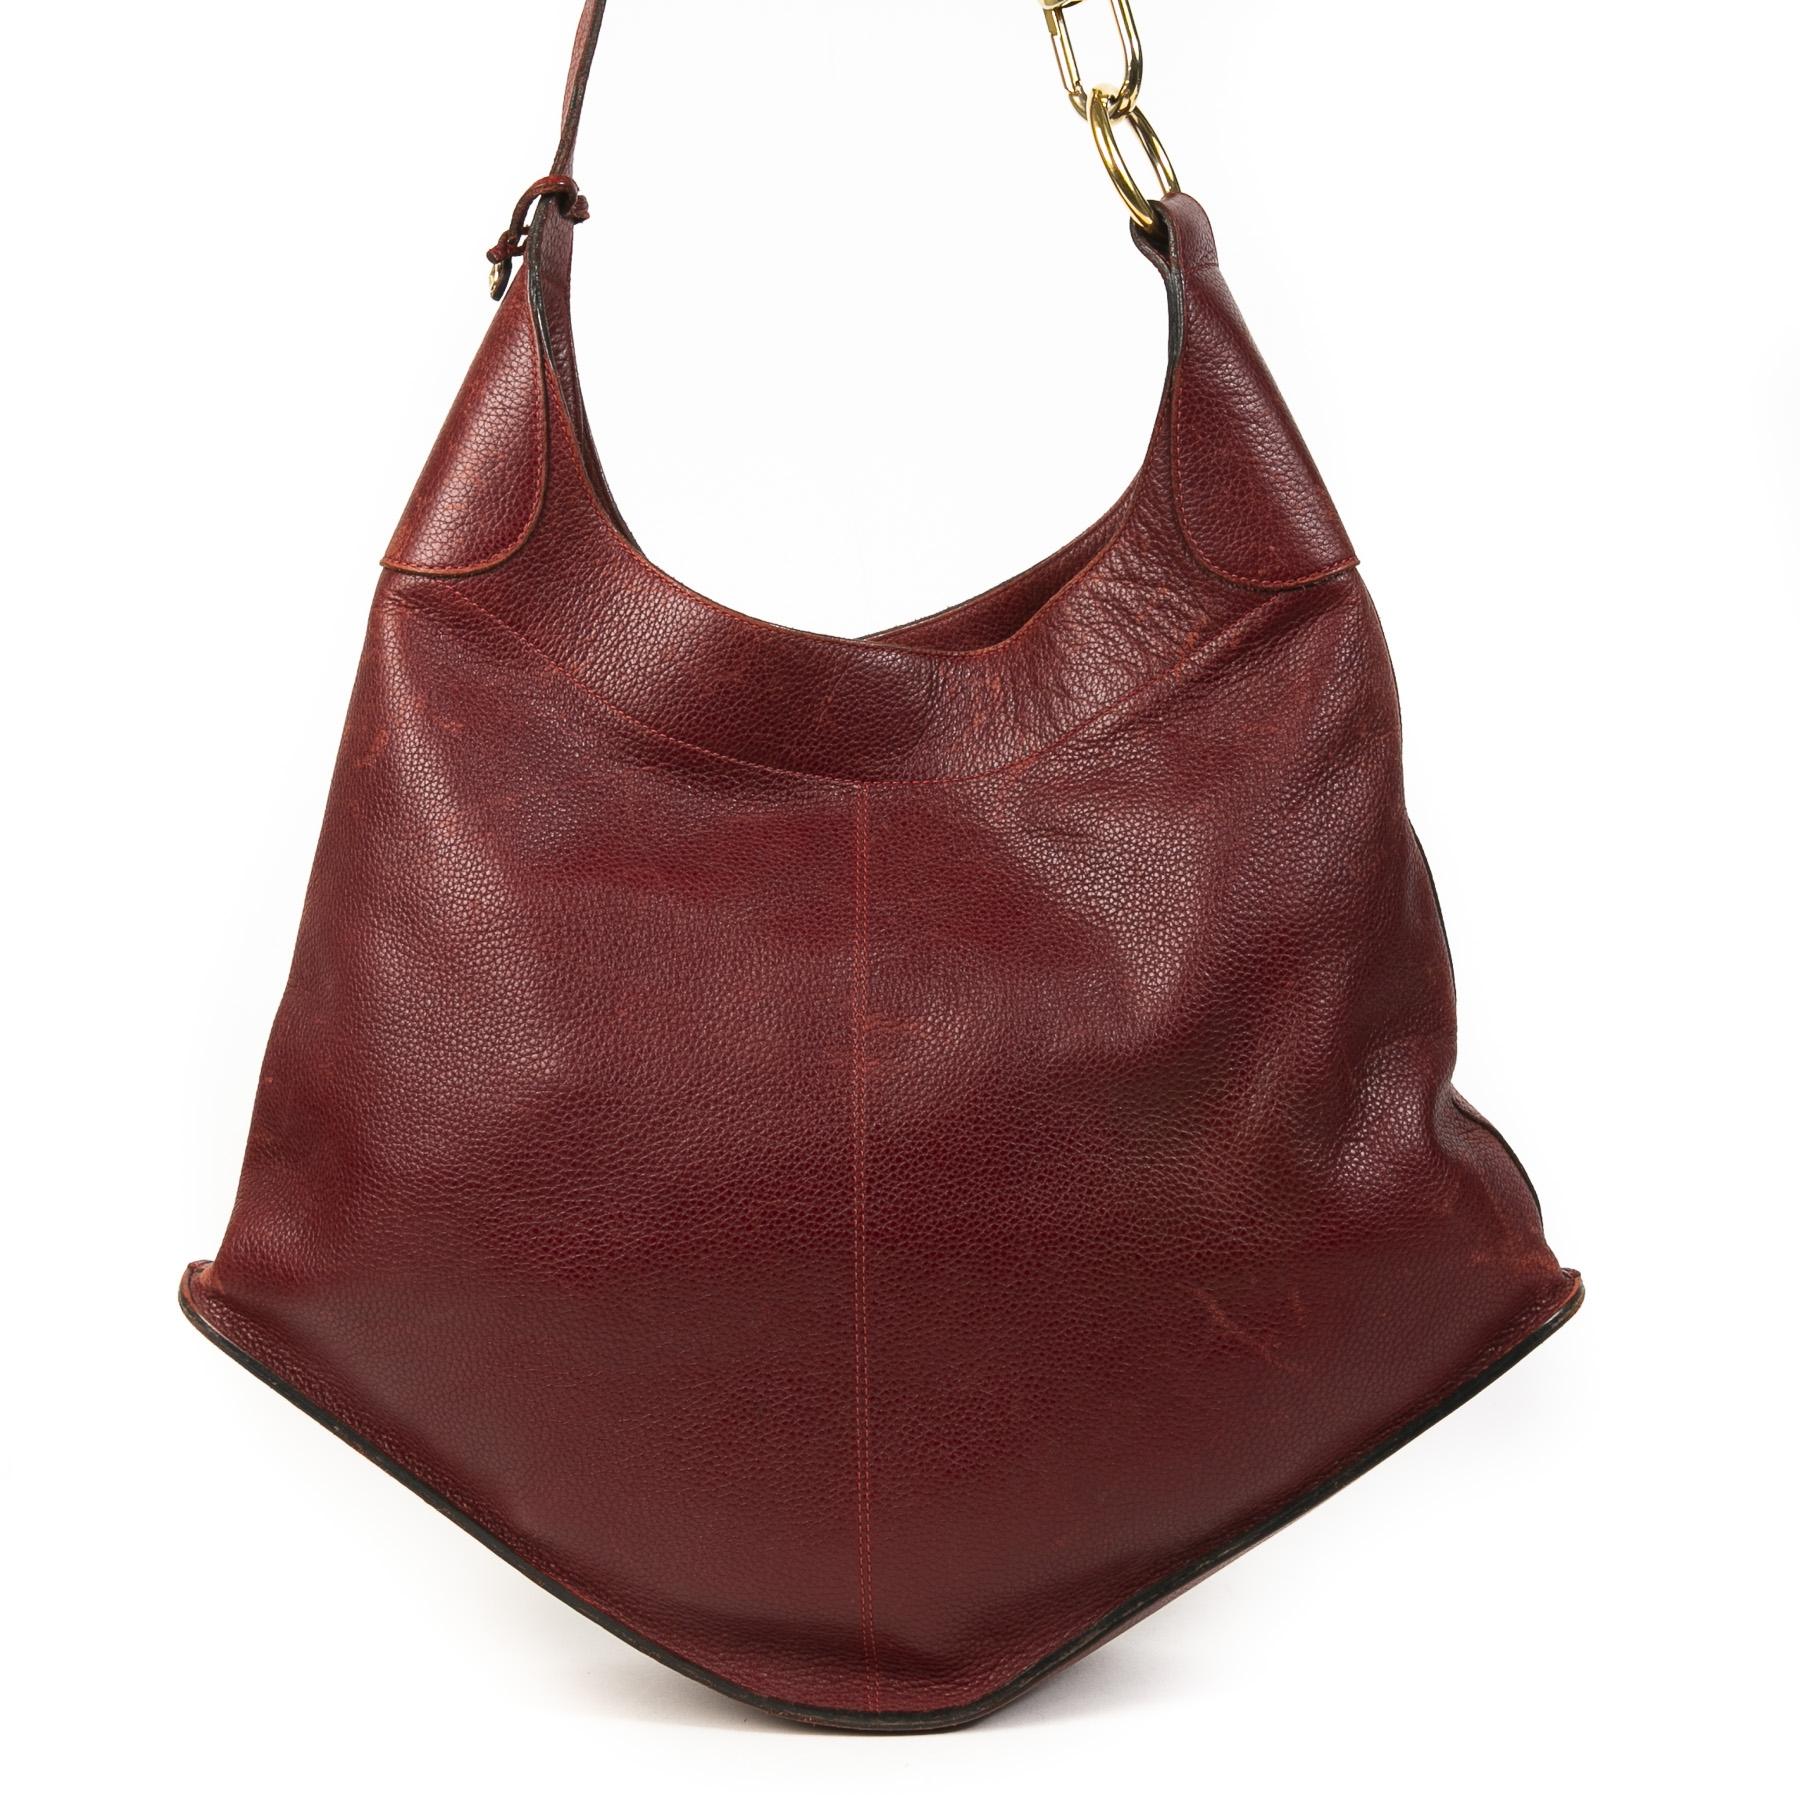 Authentieke Tweedehands Delvaux Dark Red Satan Shoulder Bag juiste prijs veilig online shoppen luxe merken webshop winkelen Antwerpen België mode fashion